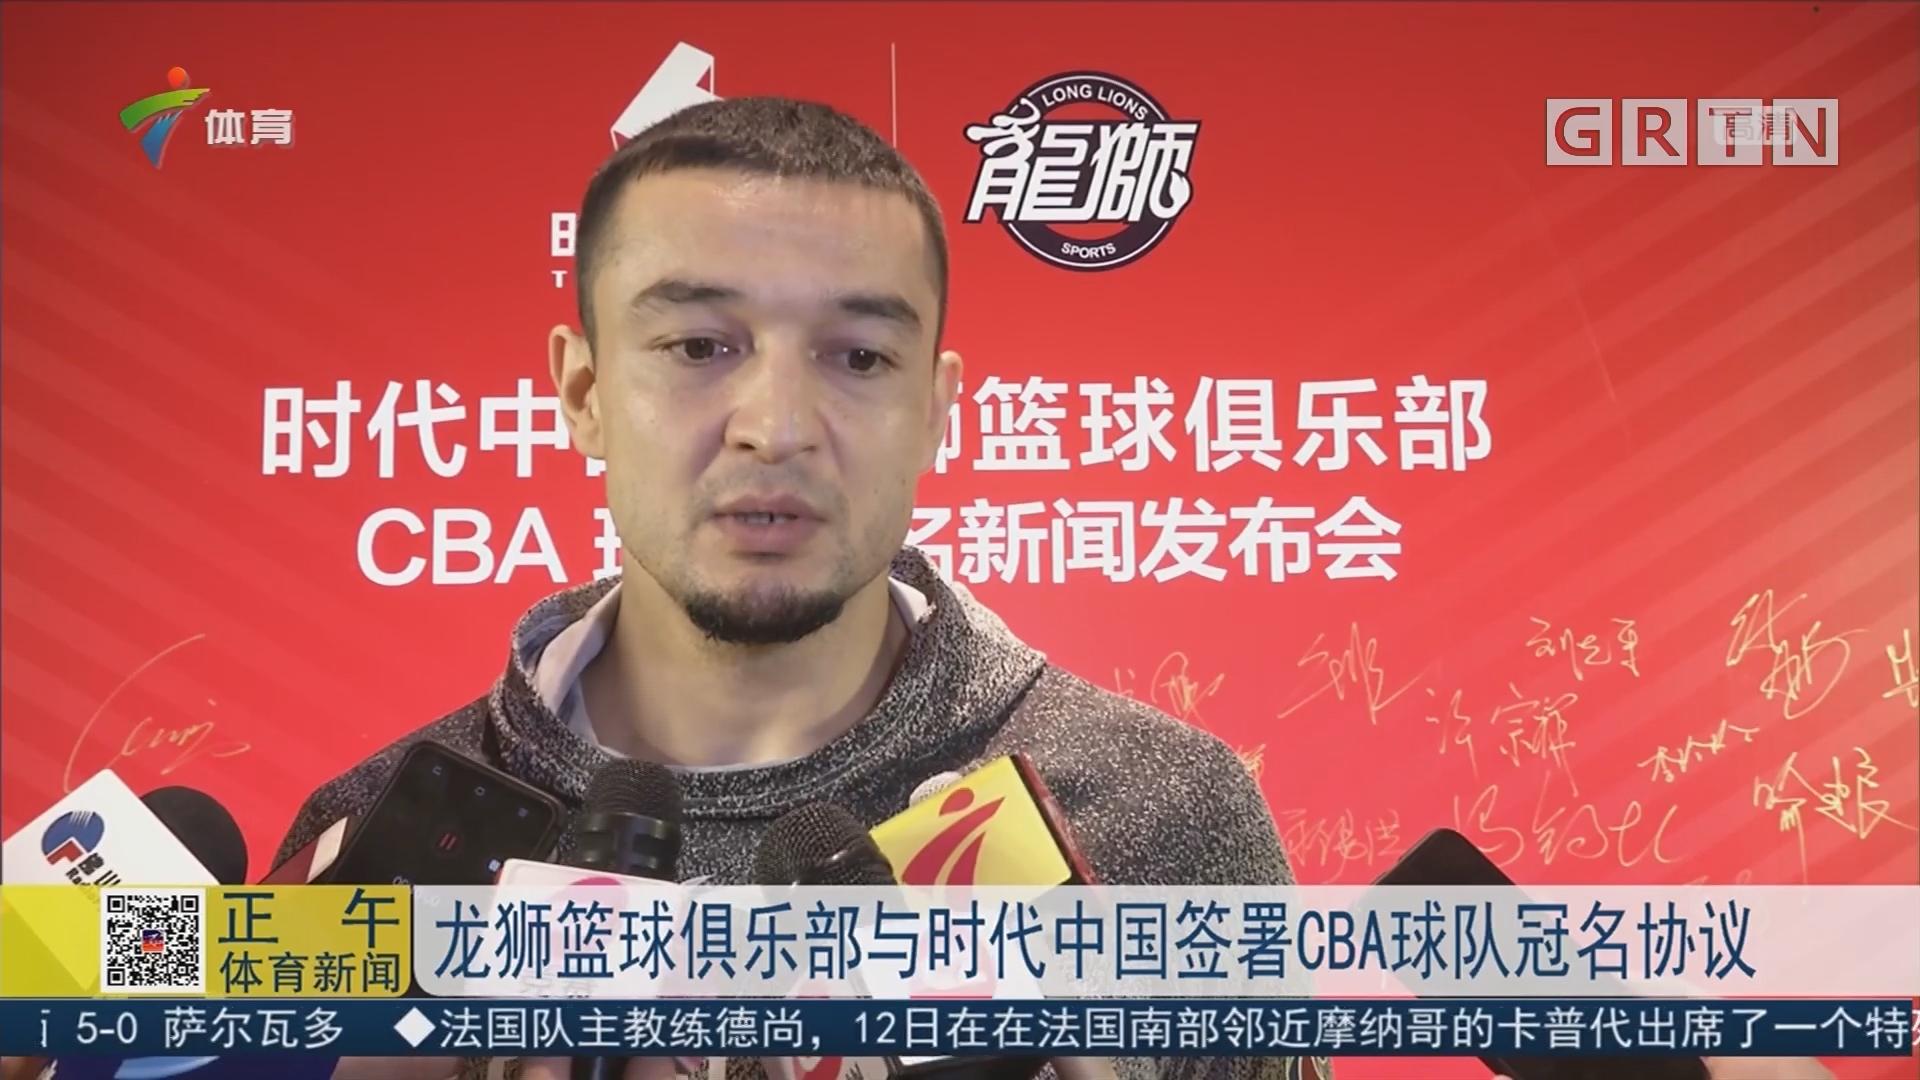 龙狮篮球俱乐部与时代中国签署CBA球队冠冕协议